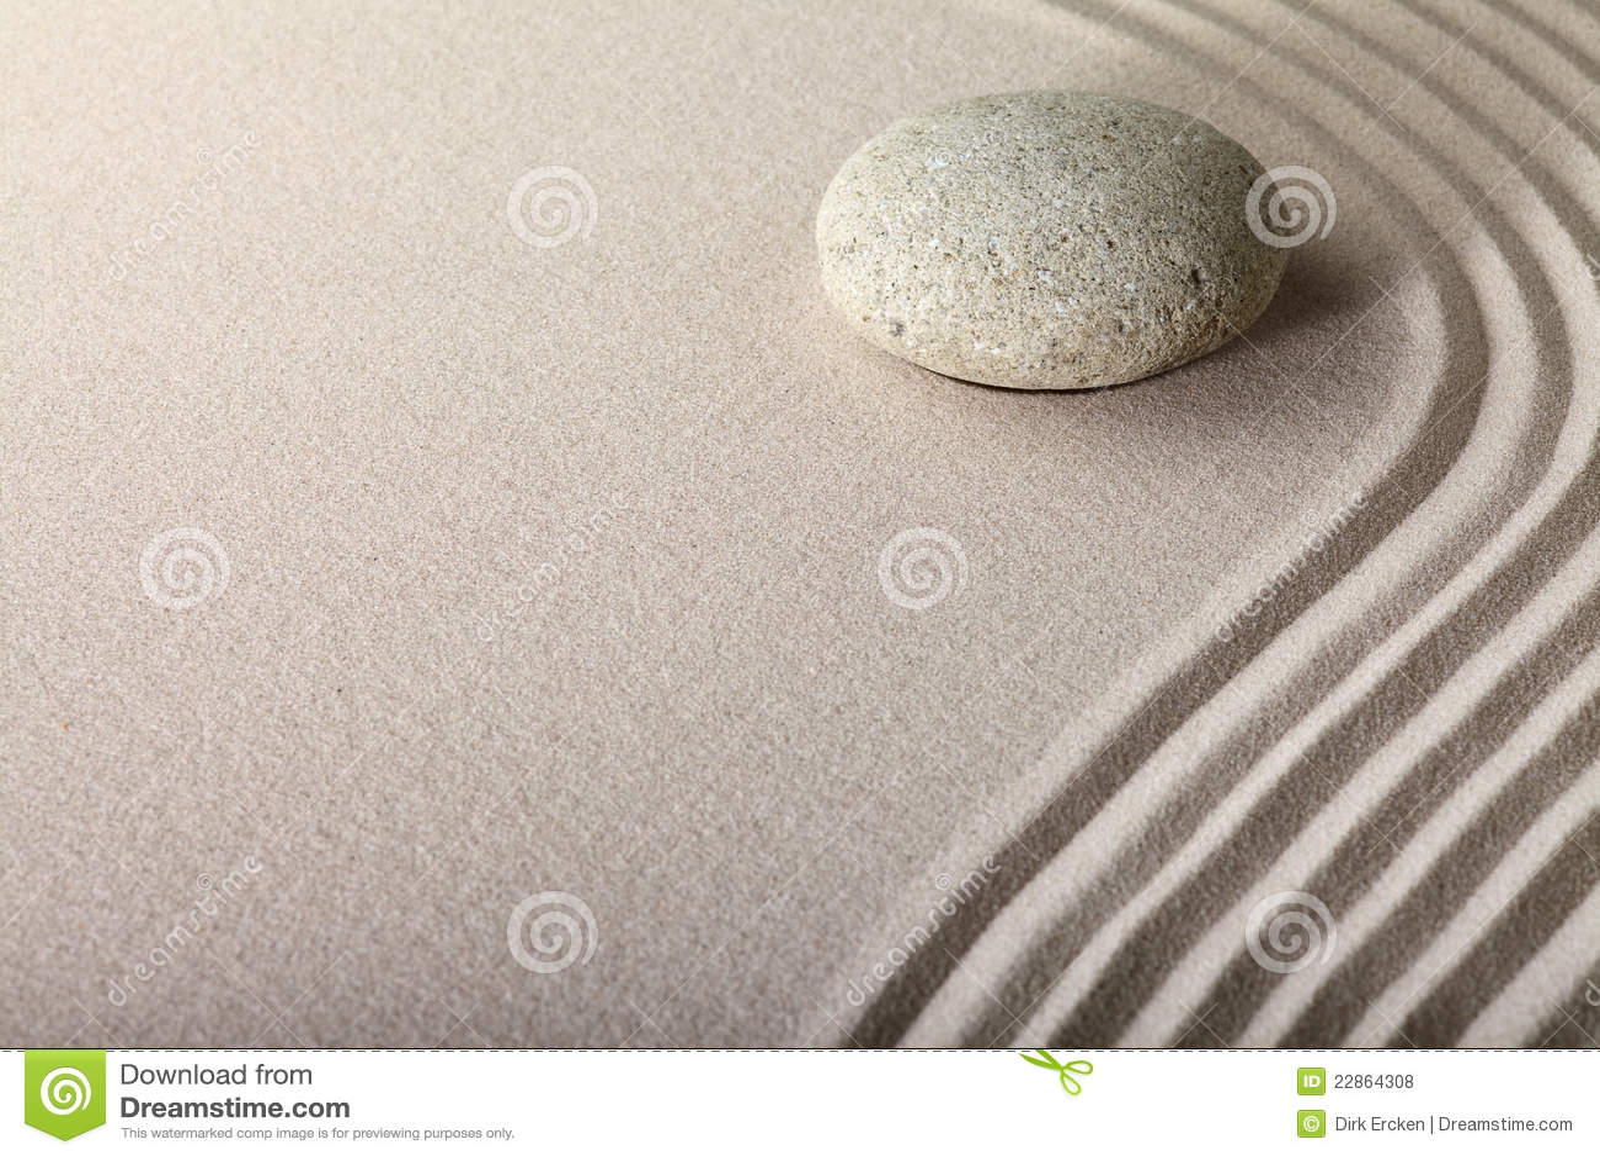 Ανασκόπηση Zen sand stone garden spa